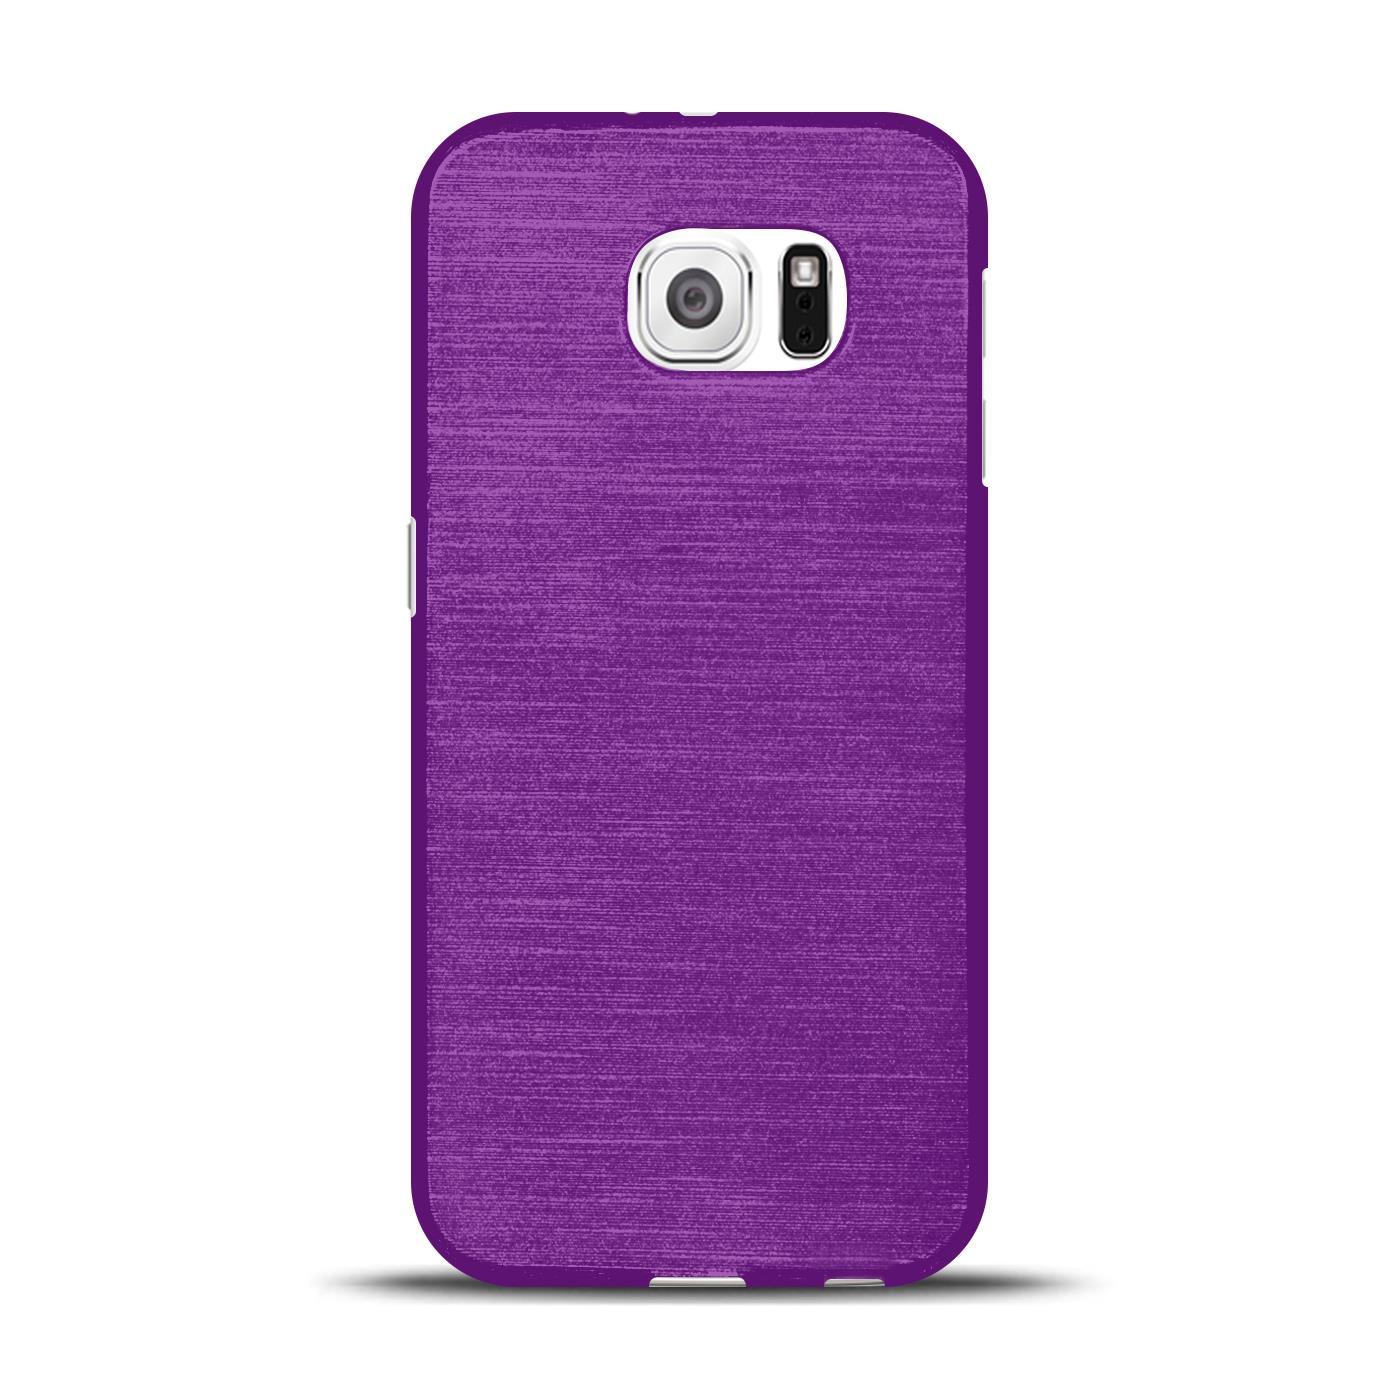 Silikon-Bumper-Case-fuer-Samsung-Galaxy-s6-duenne-ultra-slim-Stossfeste-Rueckschale Indexbild 26